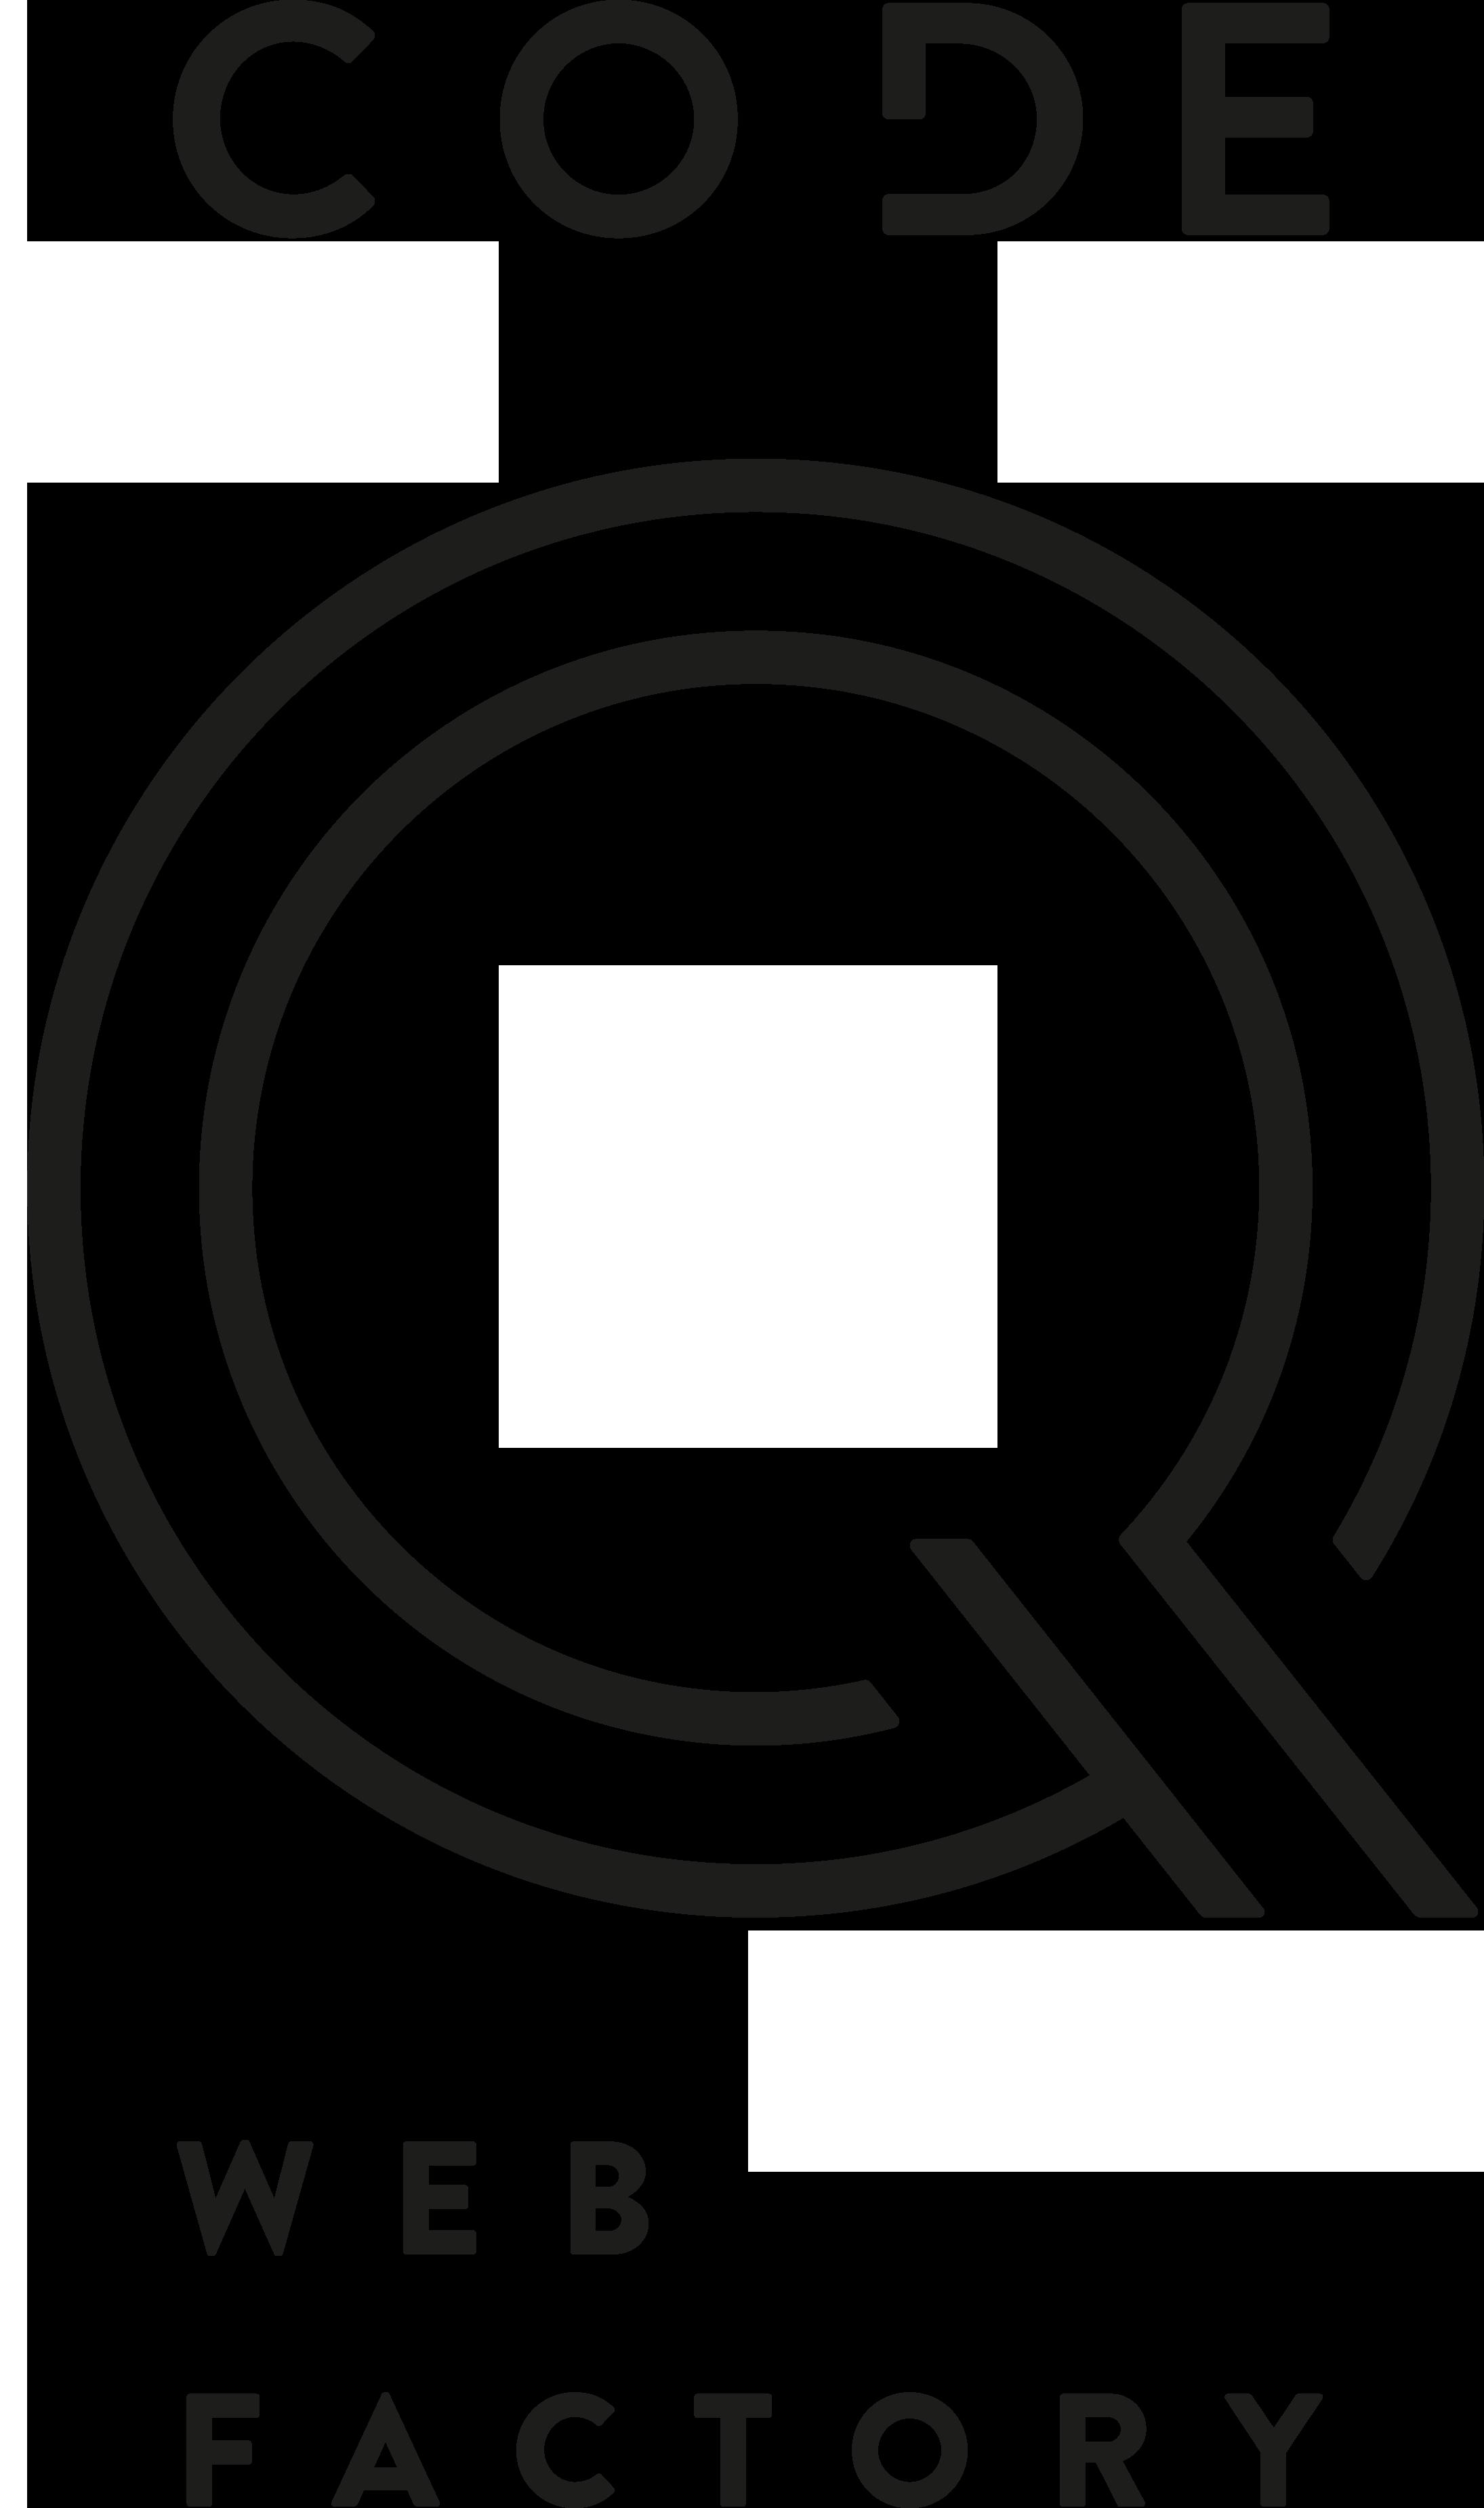 Code Q